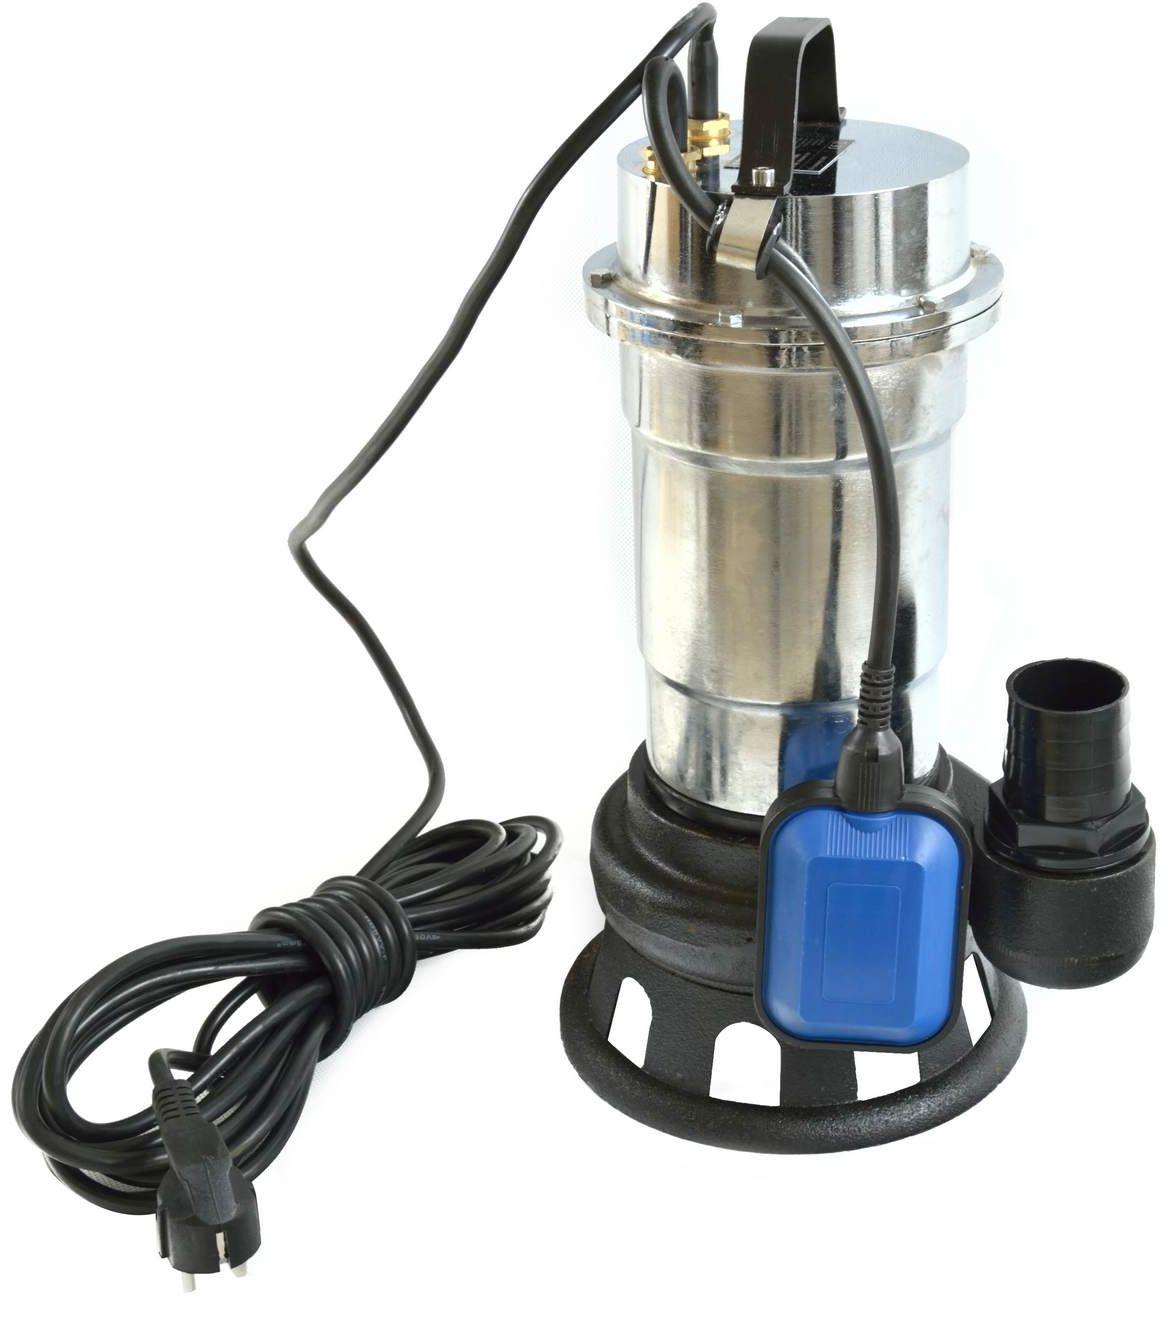 Pompa rozdrabniacz WQD10-8-0.55 nikiel z pływakiem do brudnej wody (G81428)